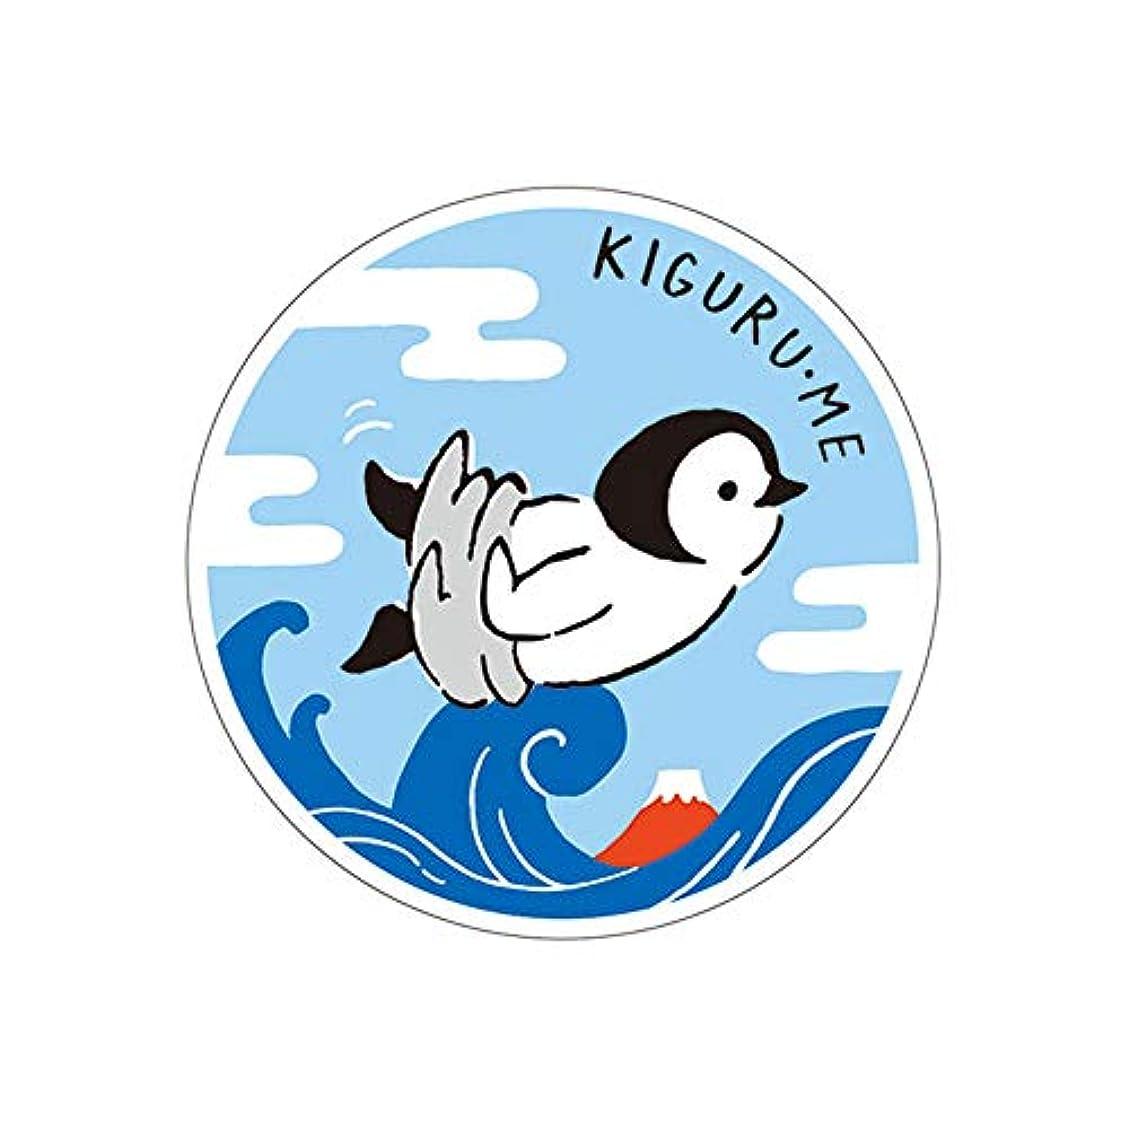 定期的な落とし穴ささやきフルプルクリーム キグル ミーペンギン2 天然ローズの香り 20g 美容液